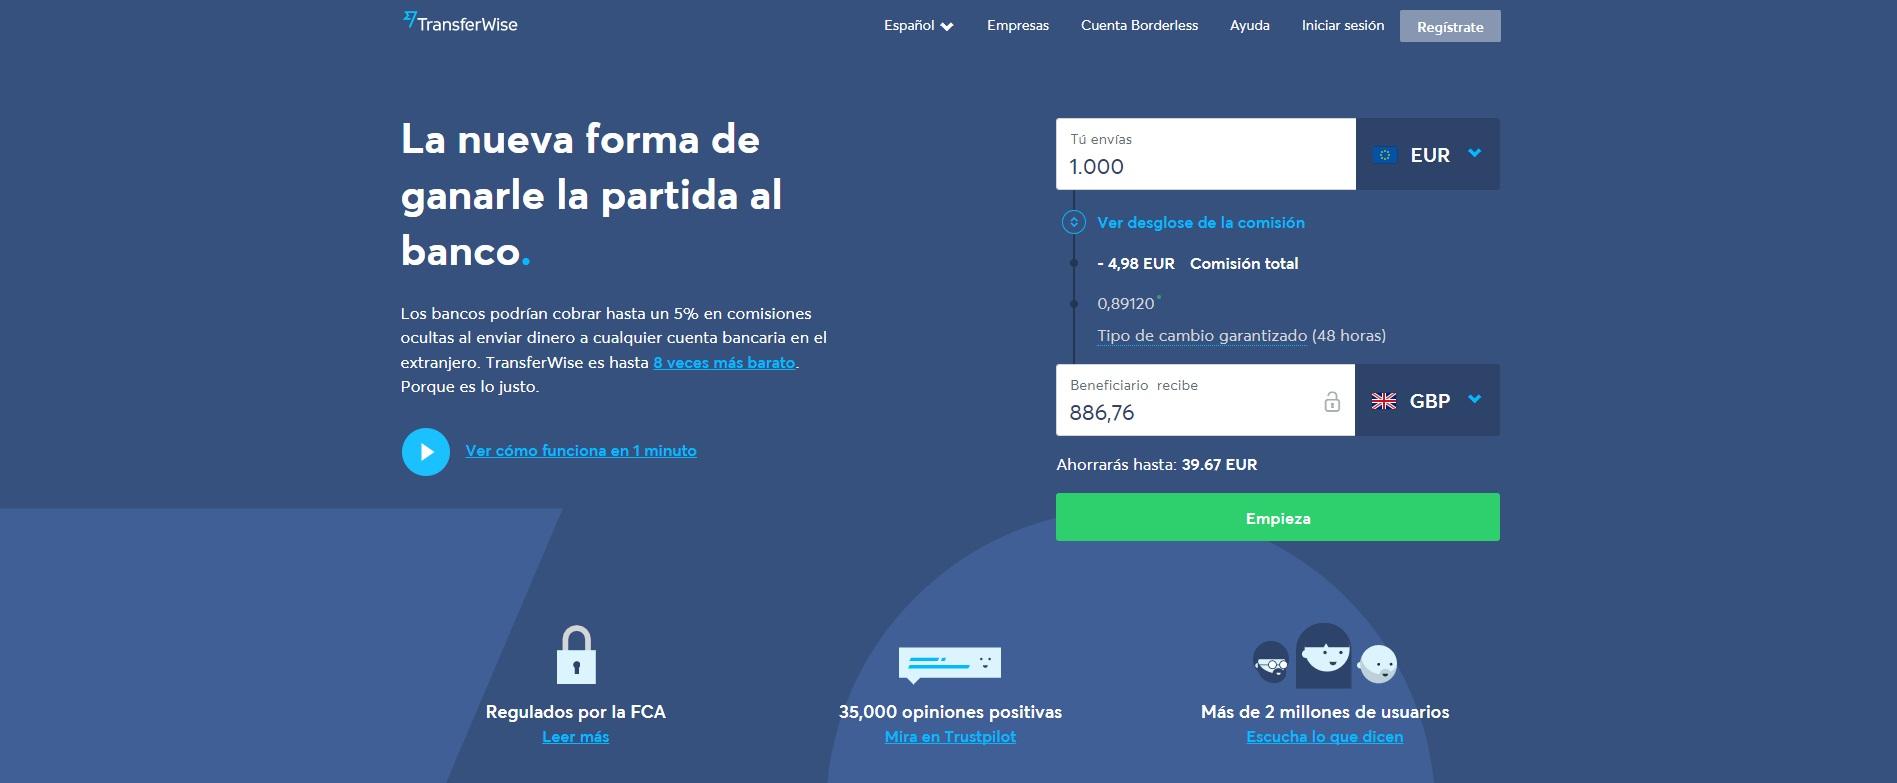 Transferwise aplicación para transferir dinero